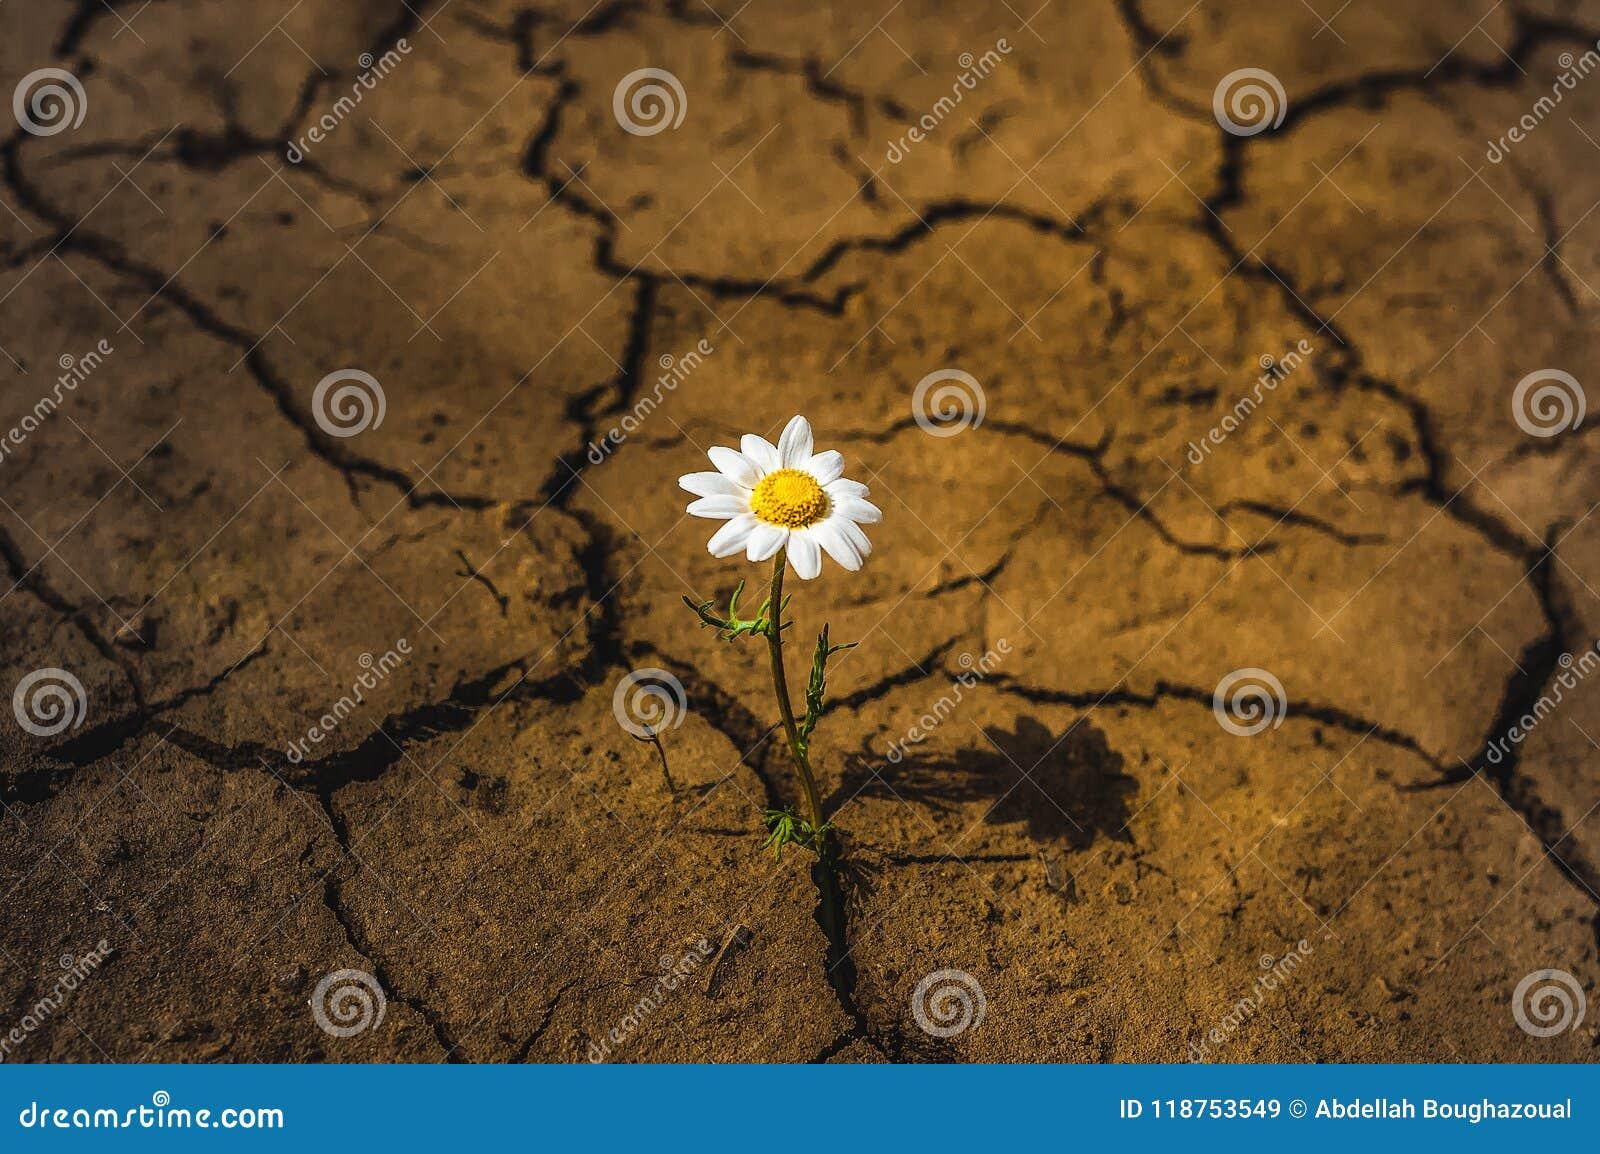 Flower dry land daisy in the desert